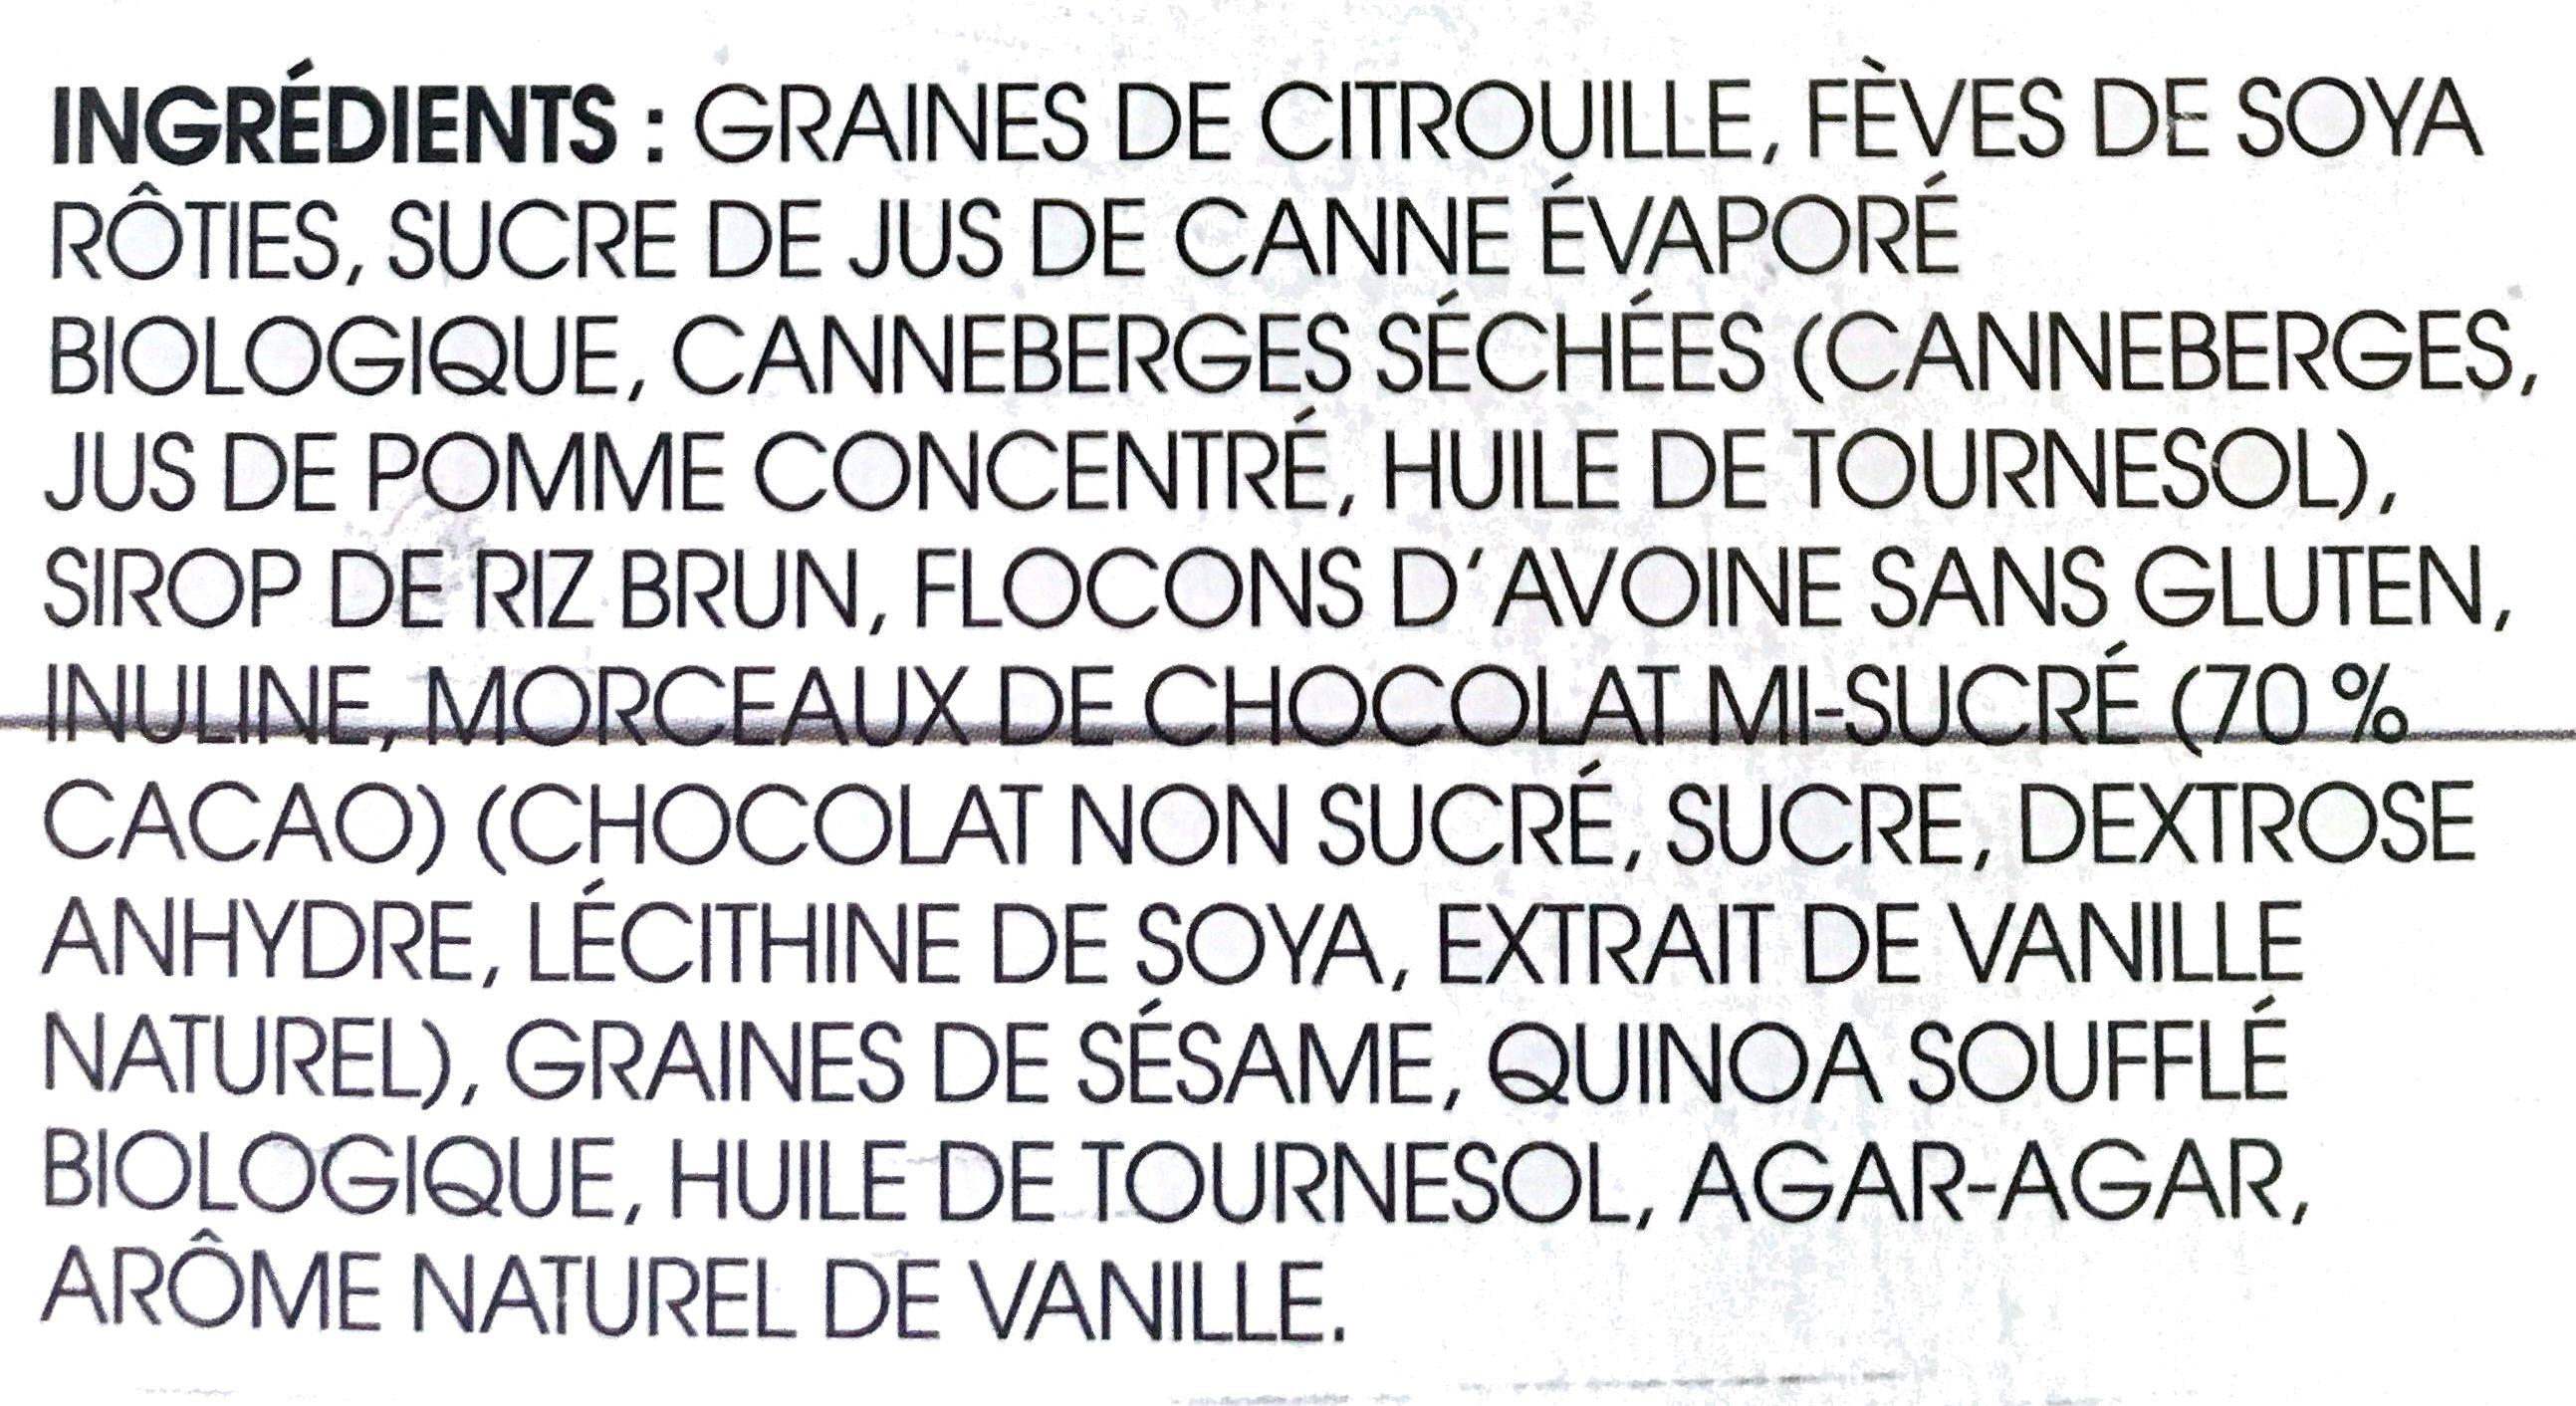 Barre de graines et de fruit chocolat canneberge - Ingrédients - fr